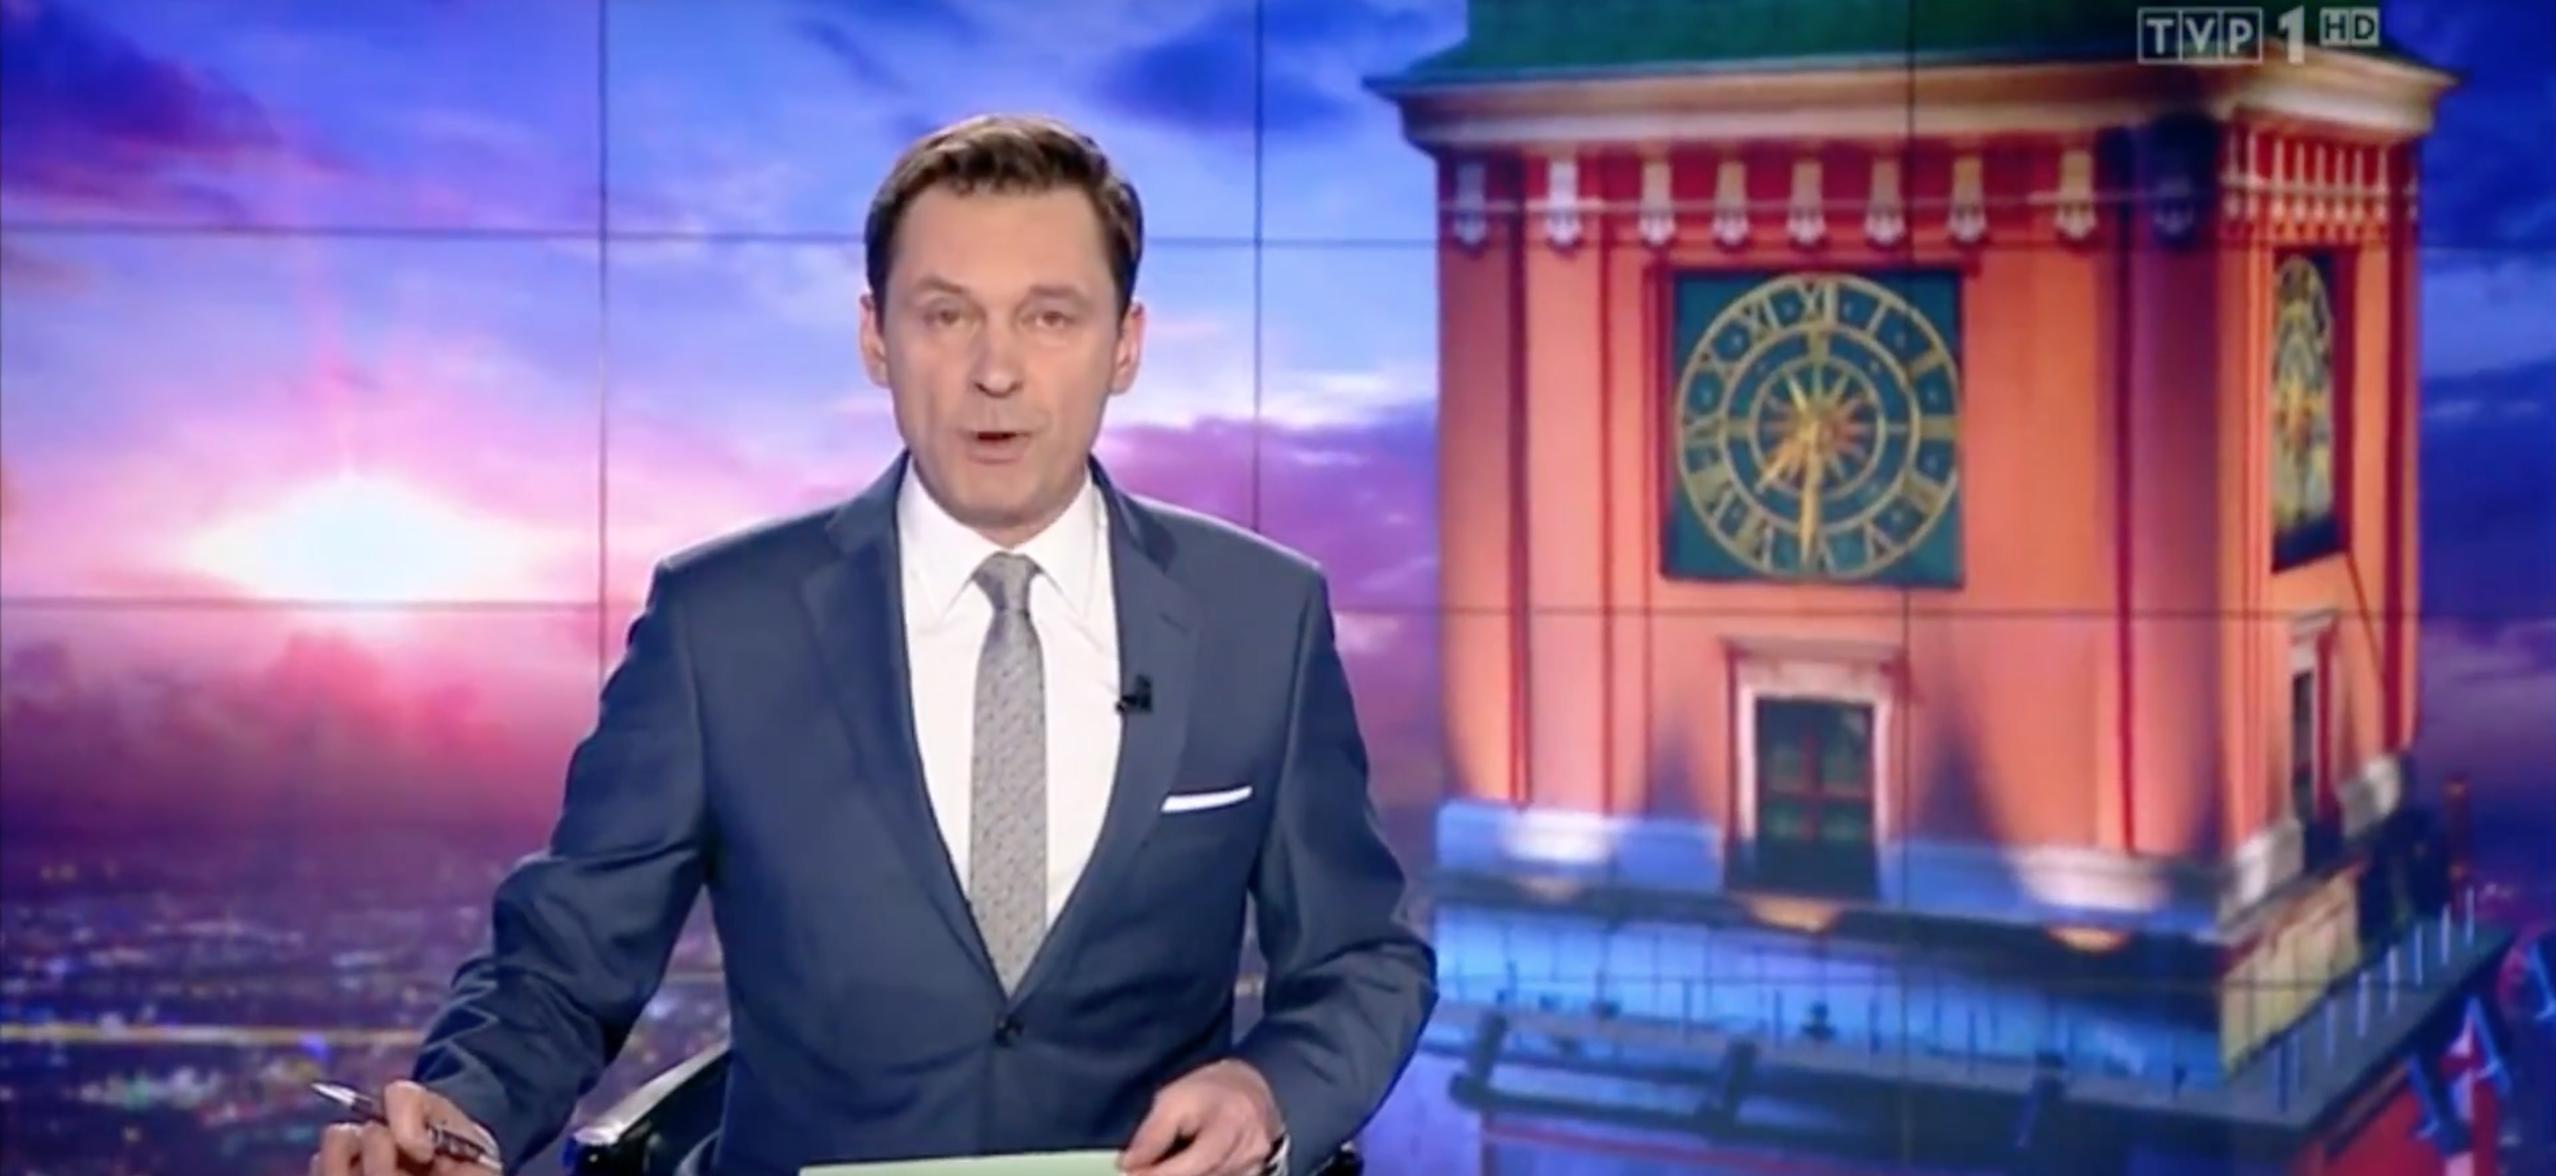 Fedorowicz parodiuje upolitycznione Wiadomości na YouTube, ku uciesze opozycji